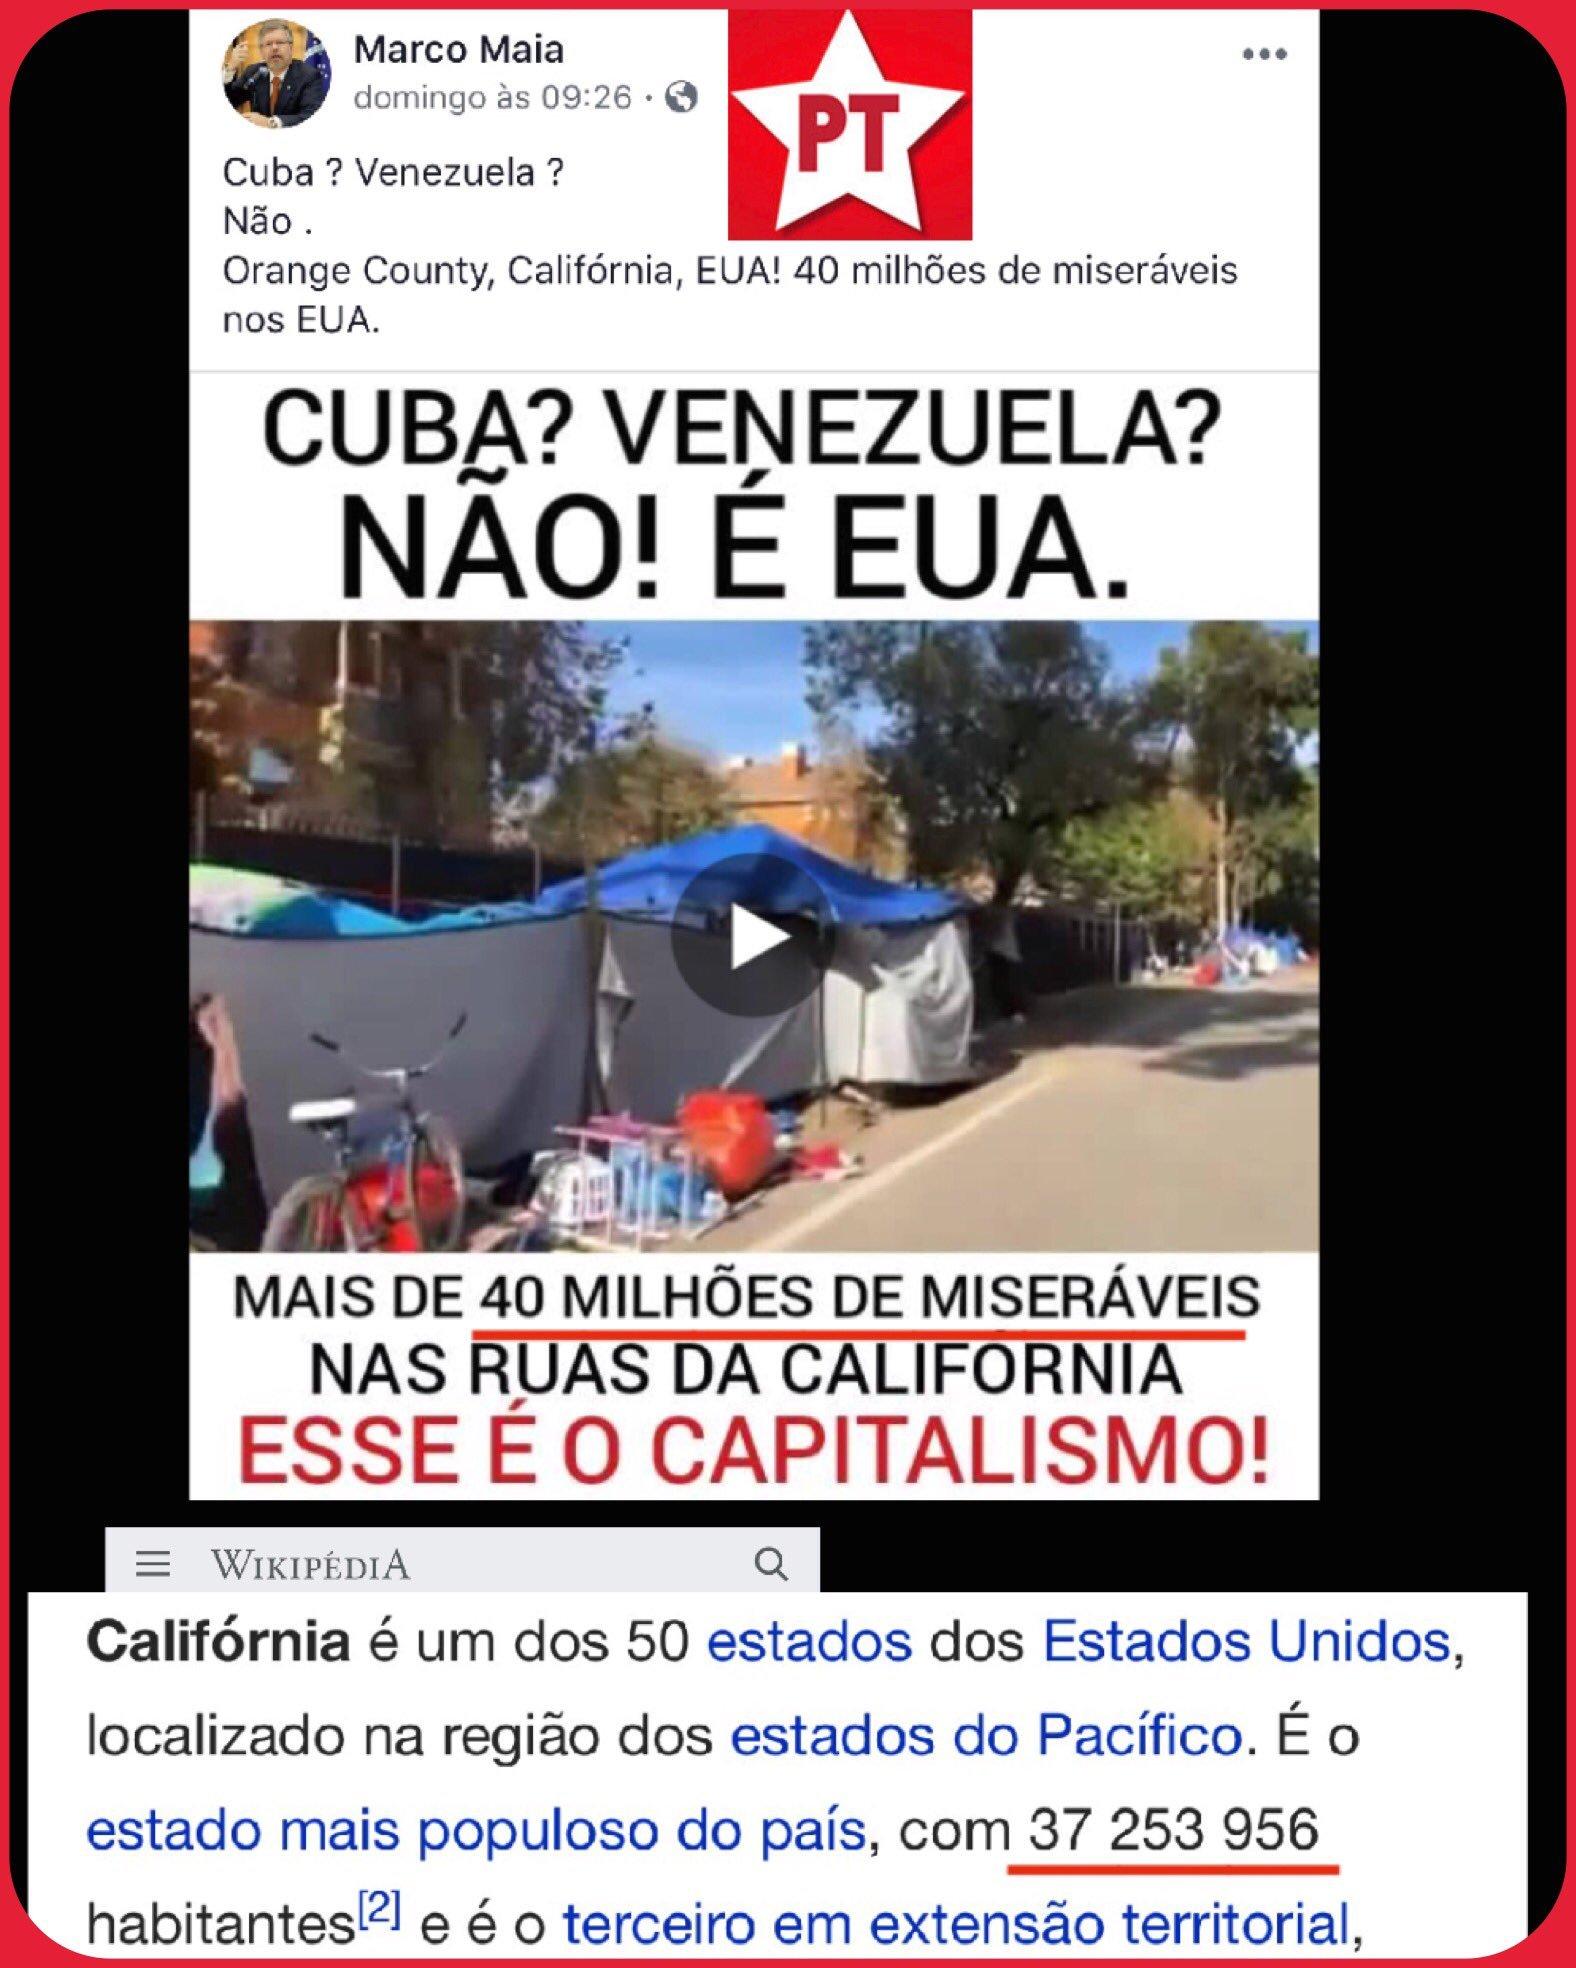 ESSA É A INTELIGENCIA DE UM COMUNISTA DE IPHONE! - meme